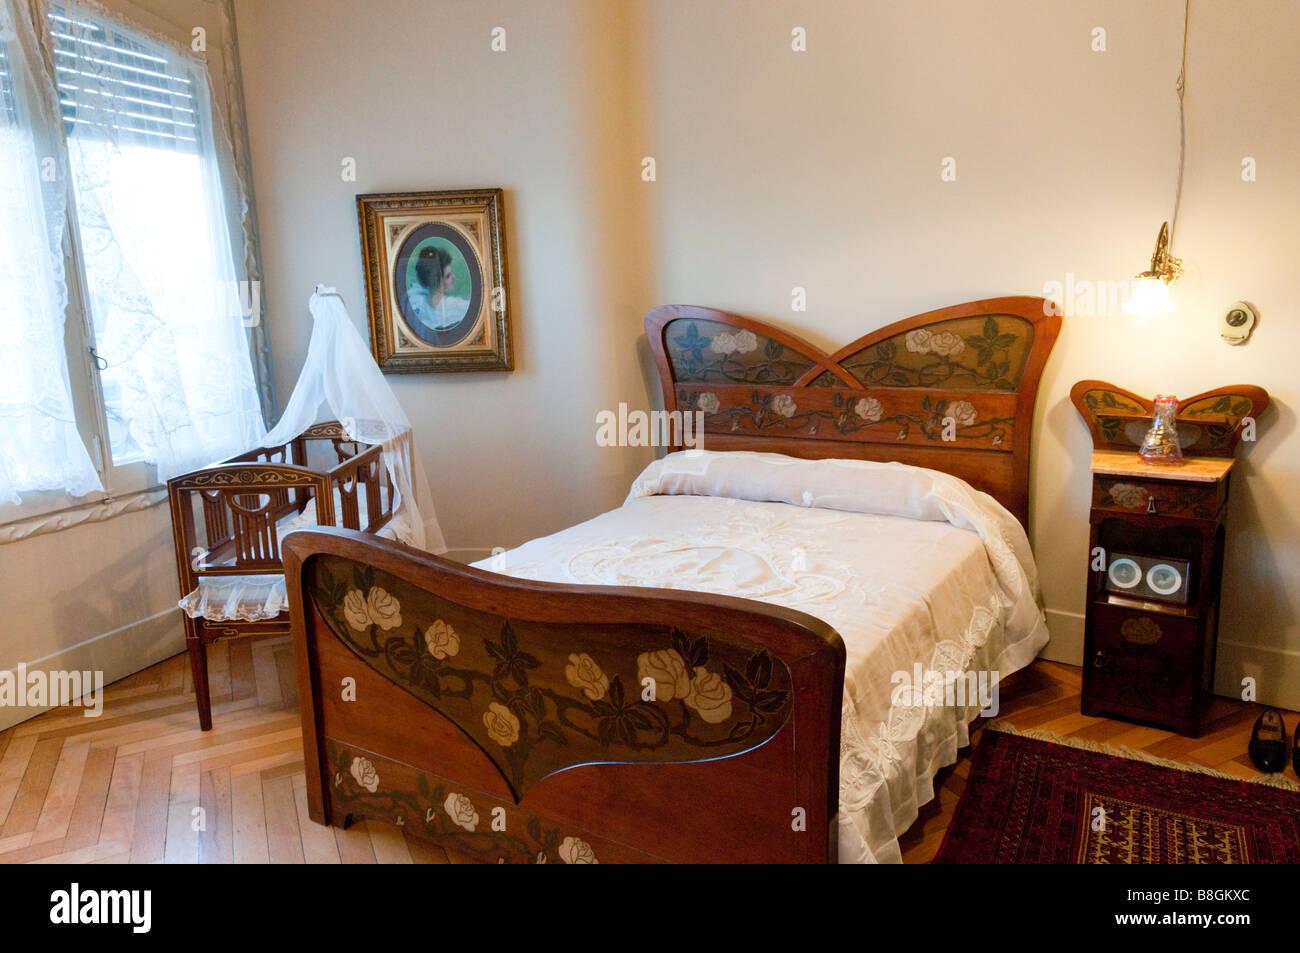 Dormitorio de principios del siglo xx en Casa Milá de Antoni Gaudí Barcelona, España Imagen De Stock